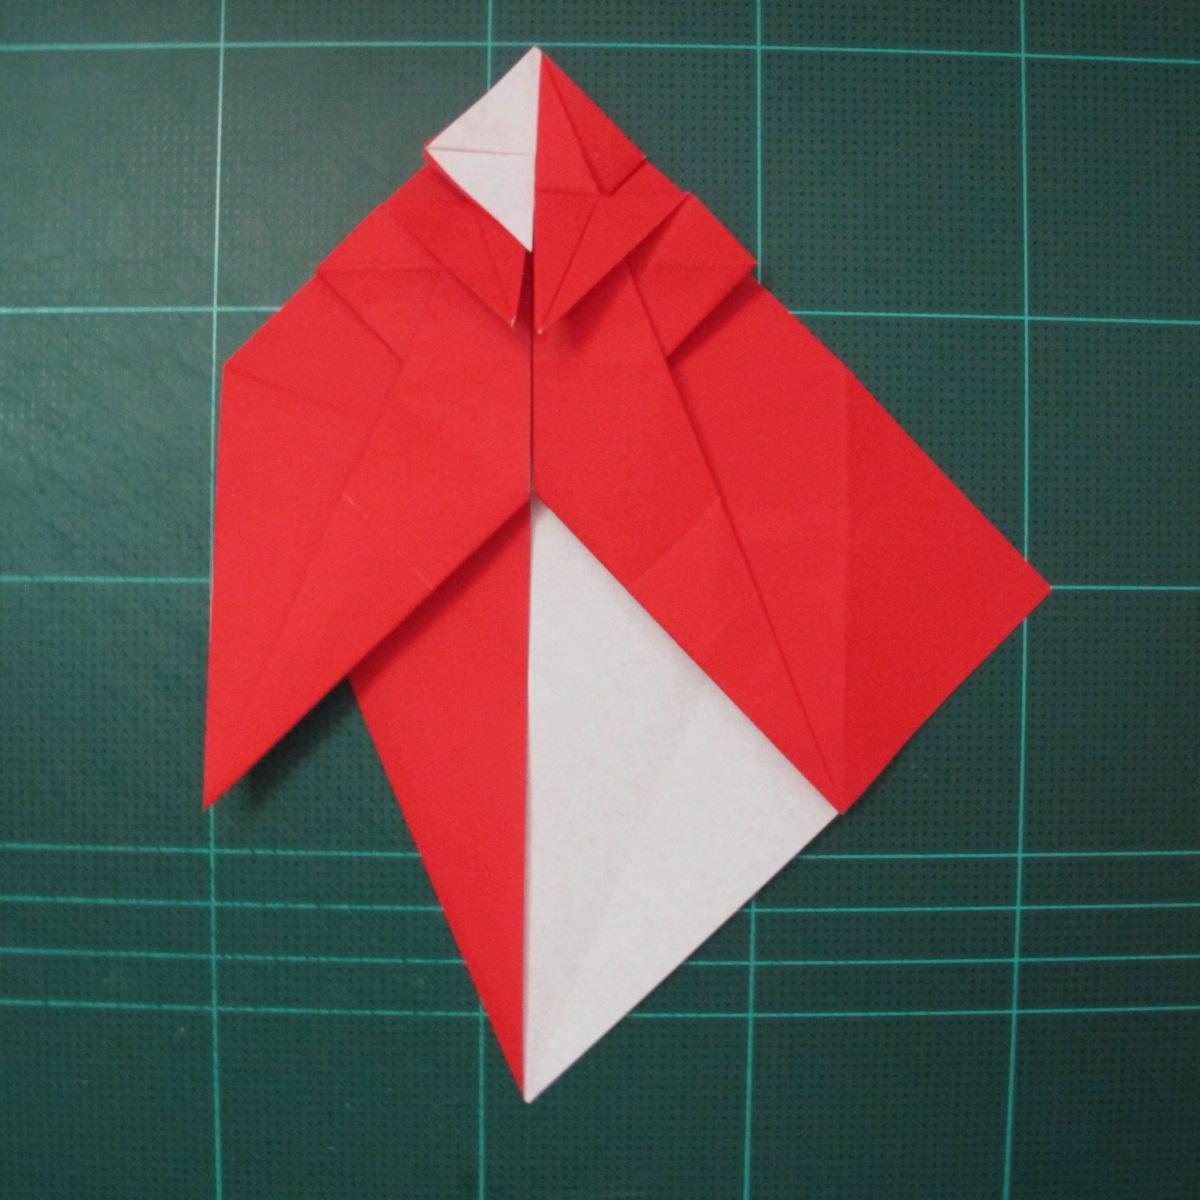 การพับกระดาษเป็นรูปสัตว์ประหลาดก็อตซิล่า (Origami Gozzila) 027